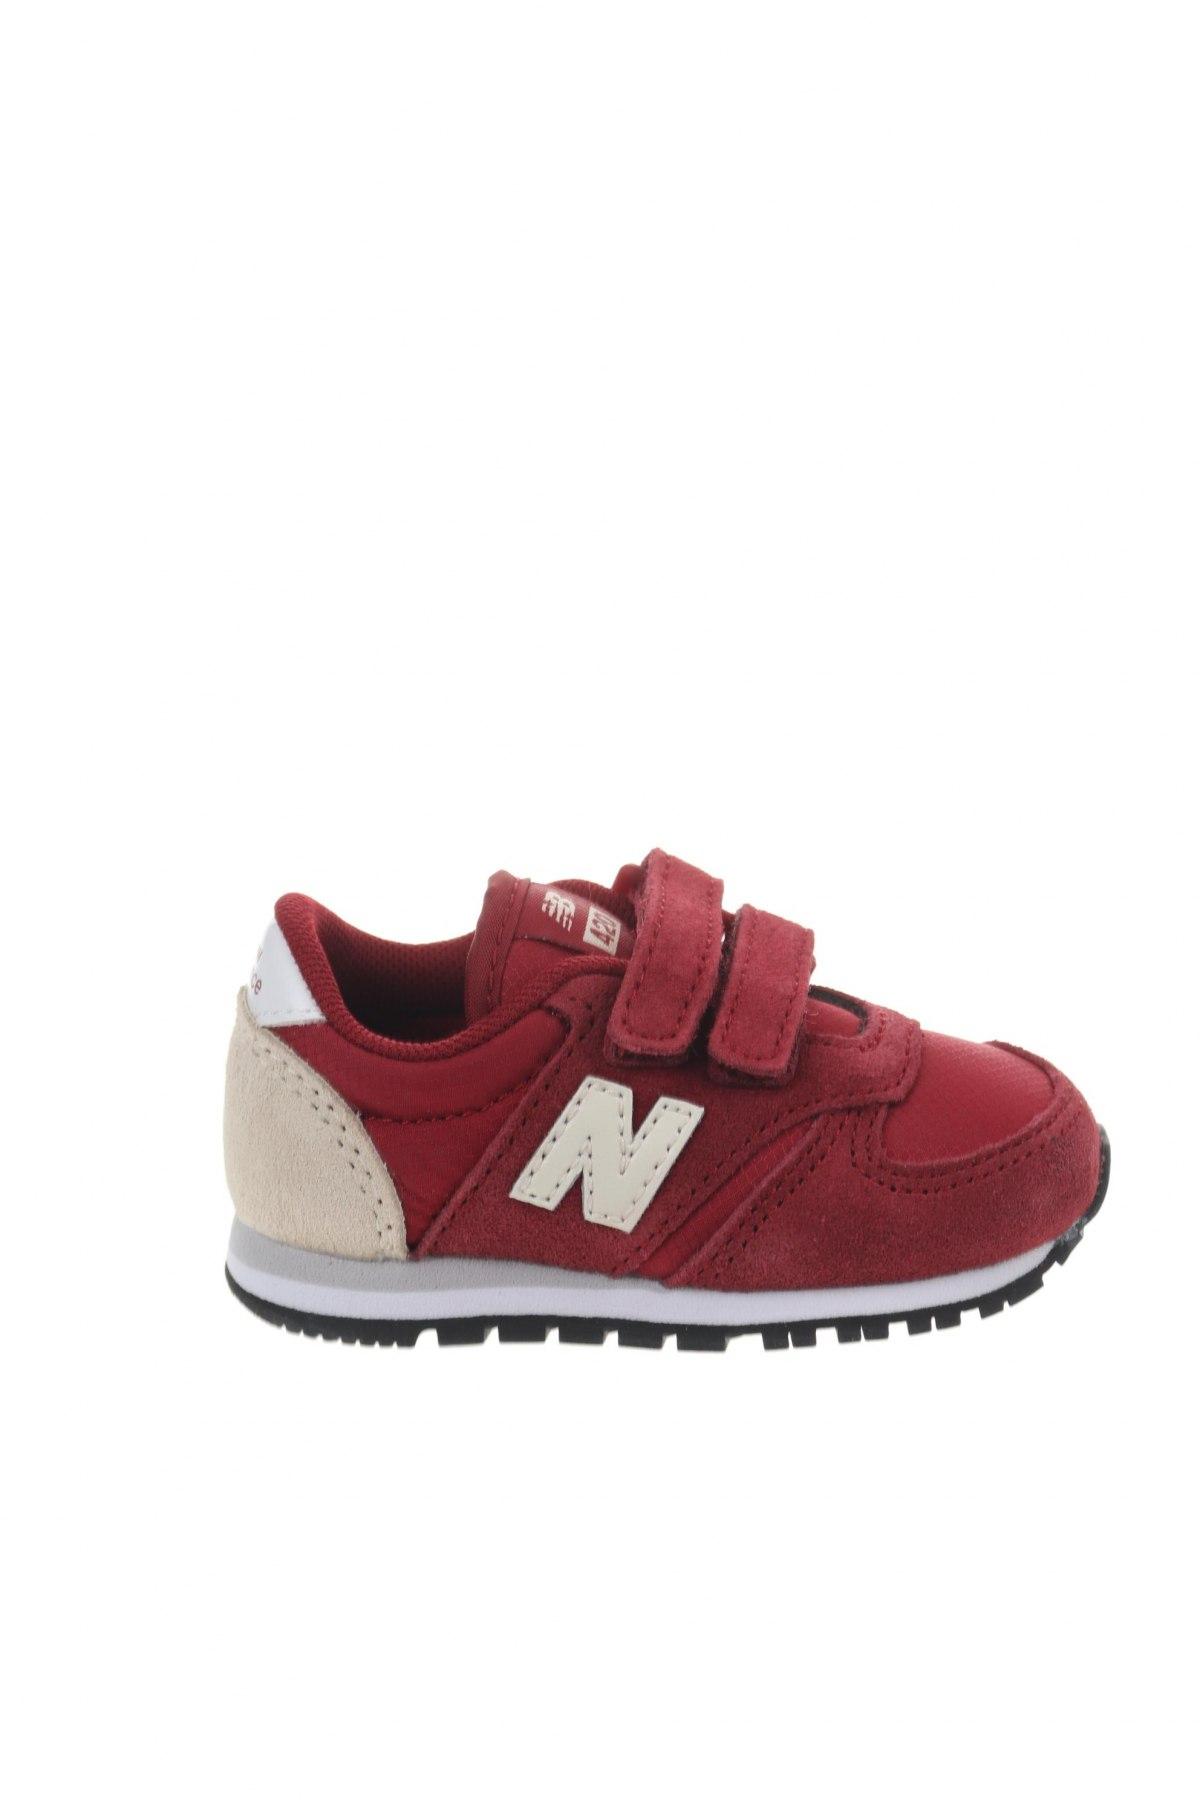 Παιδικά παπούτσια New Balance, Μέγεθος 20, Χρώμα Κόκκινο, Φυσικό σουέτ, κλωστοϋφαντουργικά προϊόντα, Τιμή 34,41€